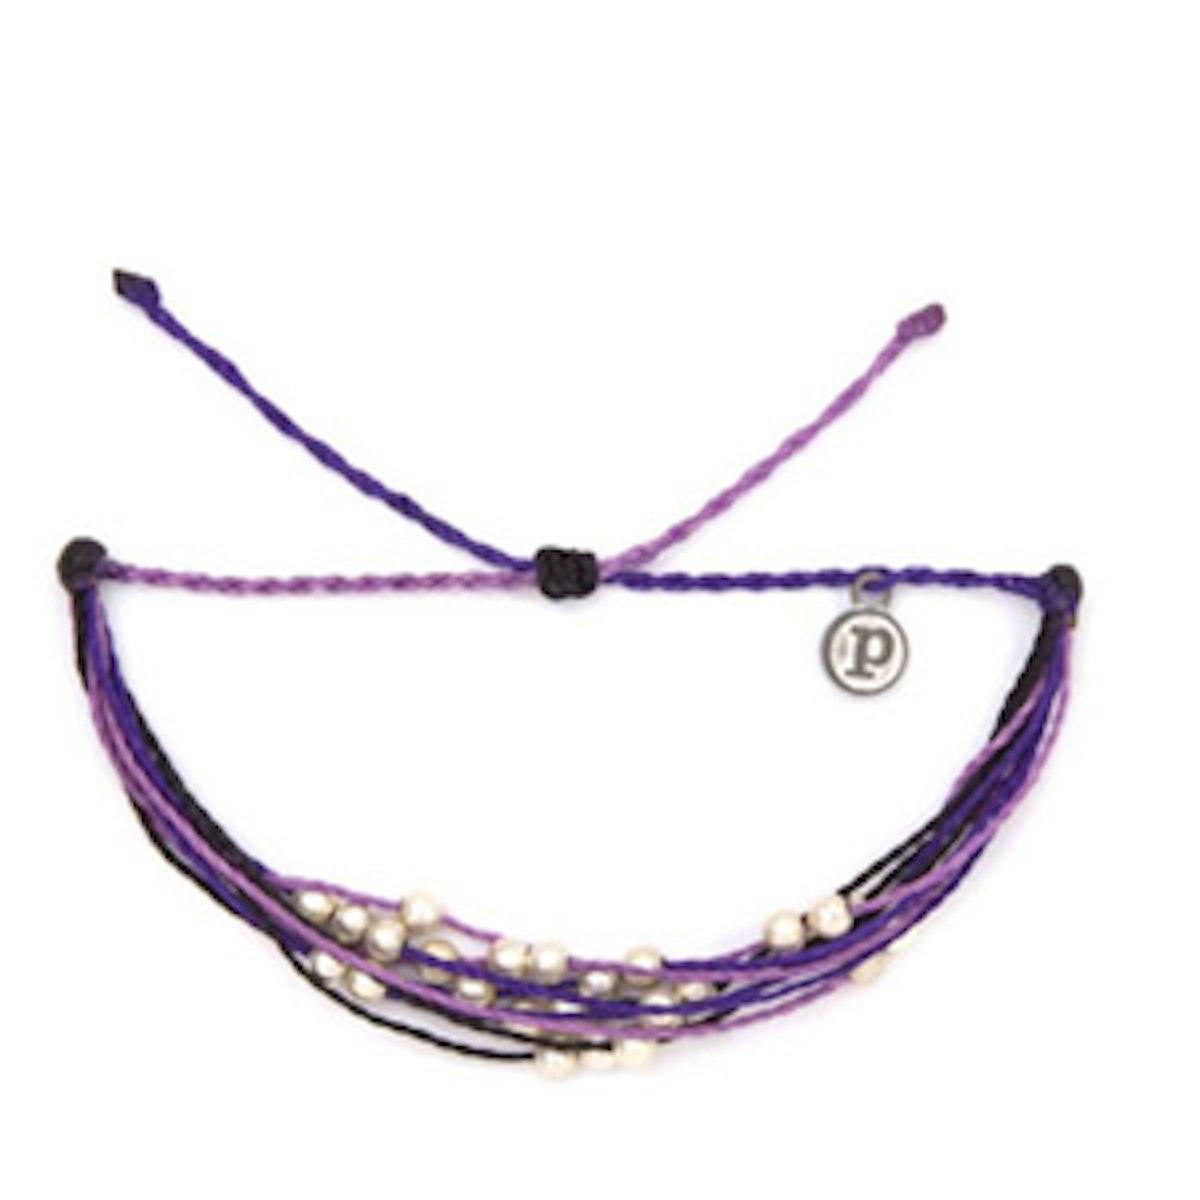 Anti-Domestic Violence Bracelet